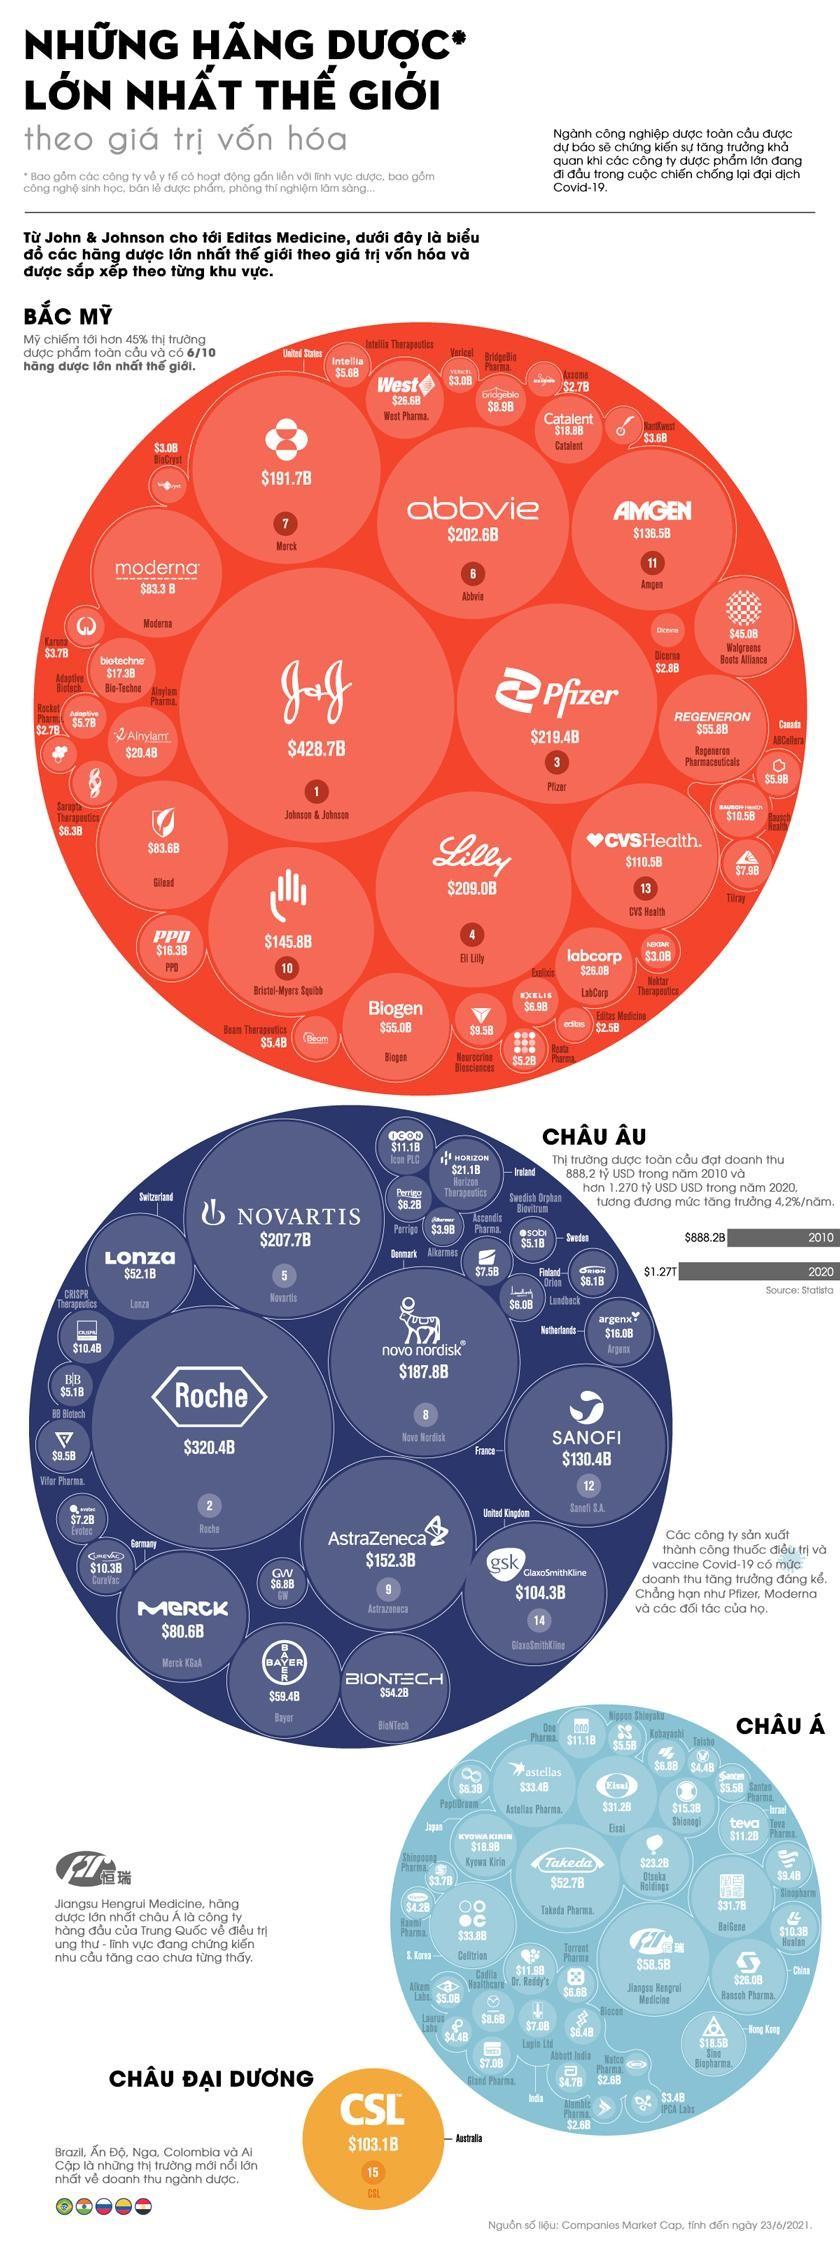 [Infographic] Những hãng dược phẩm lớn nhất thế giới ảnh 1